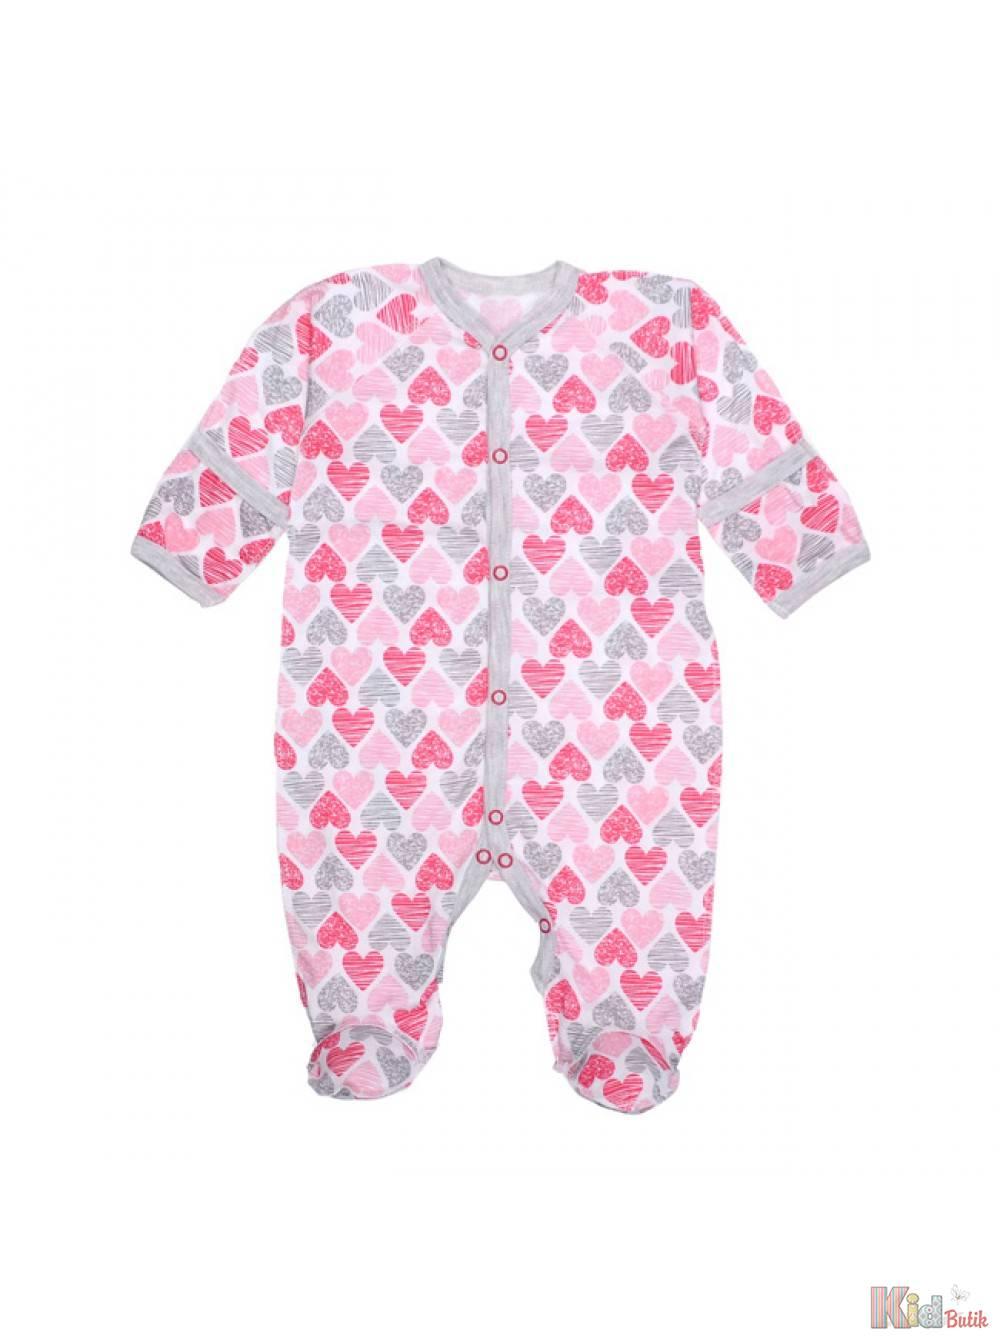 25396b15612989 ᐈ Чоловічки та сліпи для новонароджених та немовлят купити за низькою ціною  | KidButik.ua™